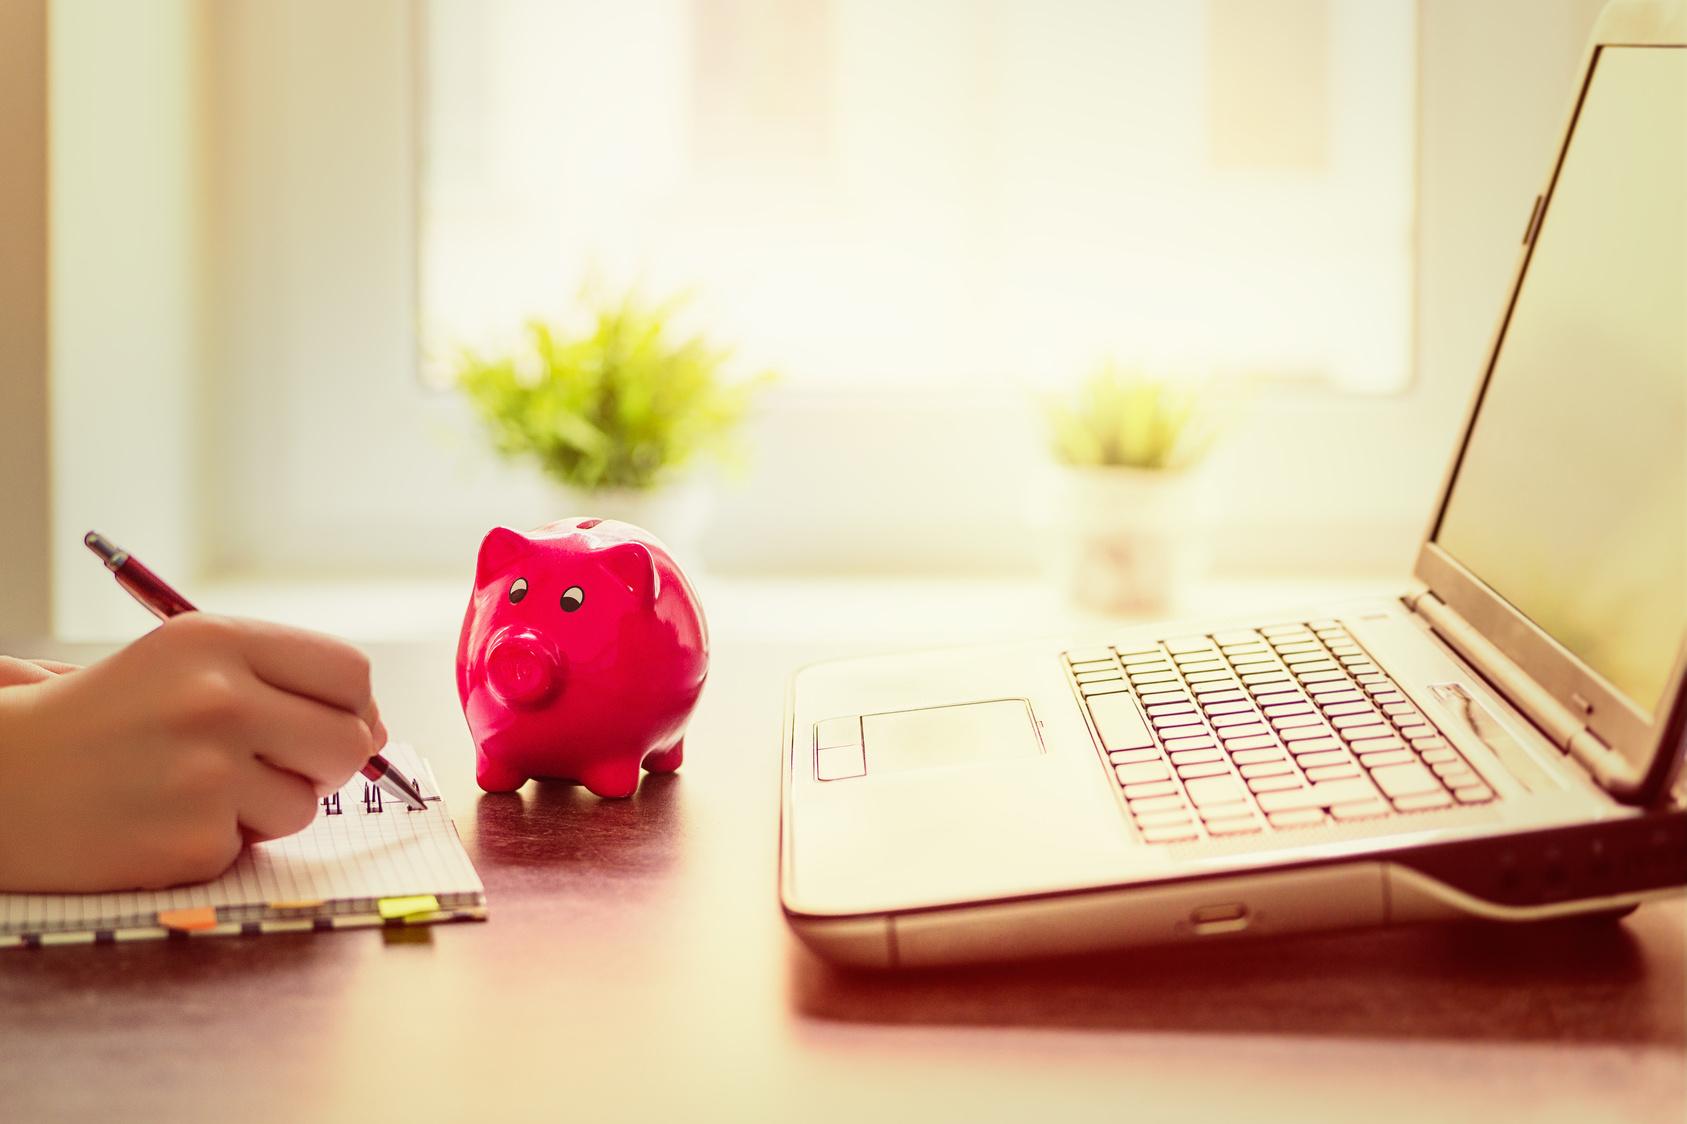 Ein rotes Sparschwein auf einem Schreibtsich zwischen einem aufgeklappten Laptop und einer Hand, die einen Stift hält